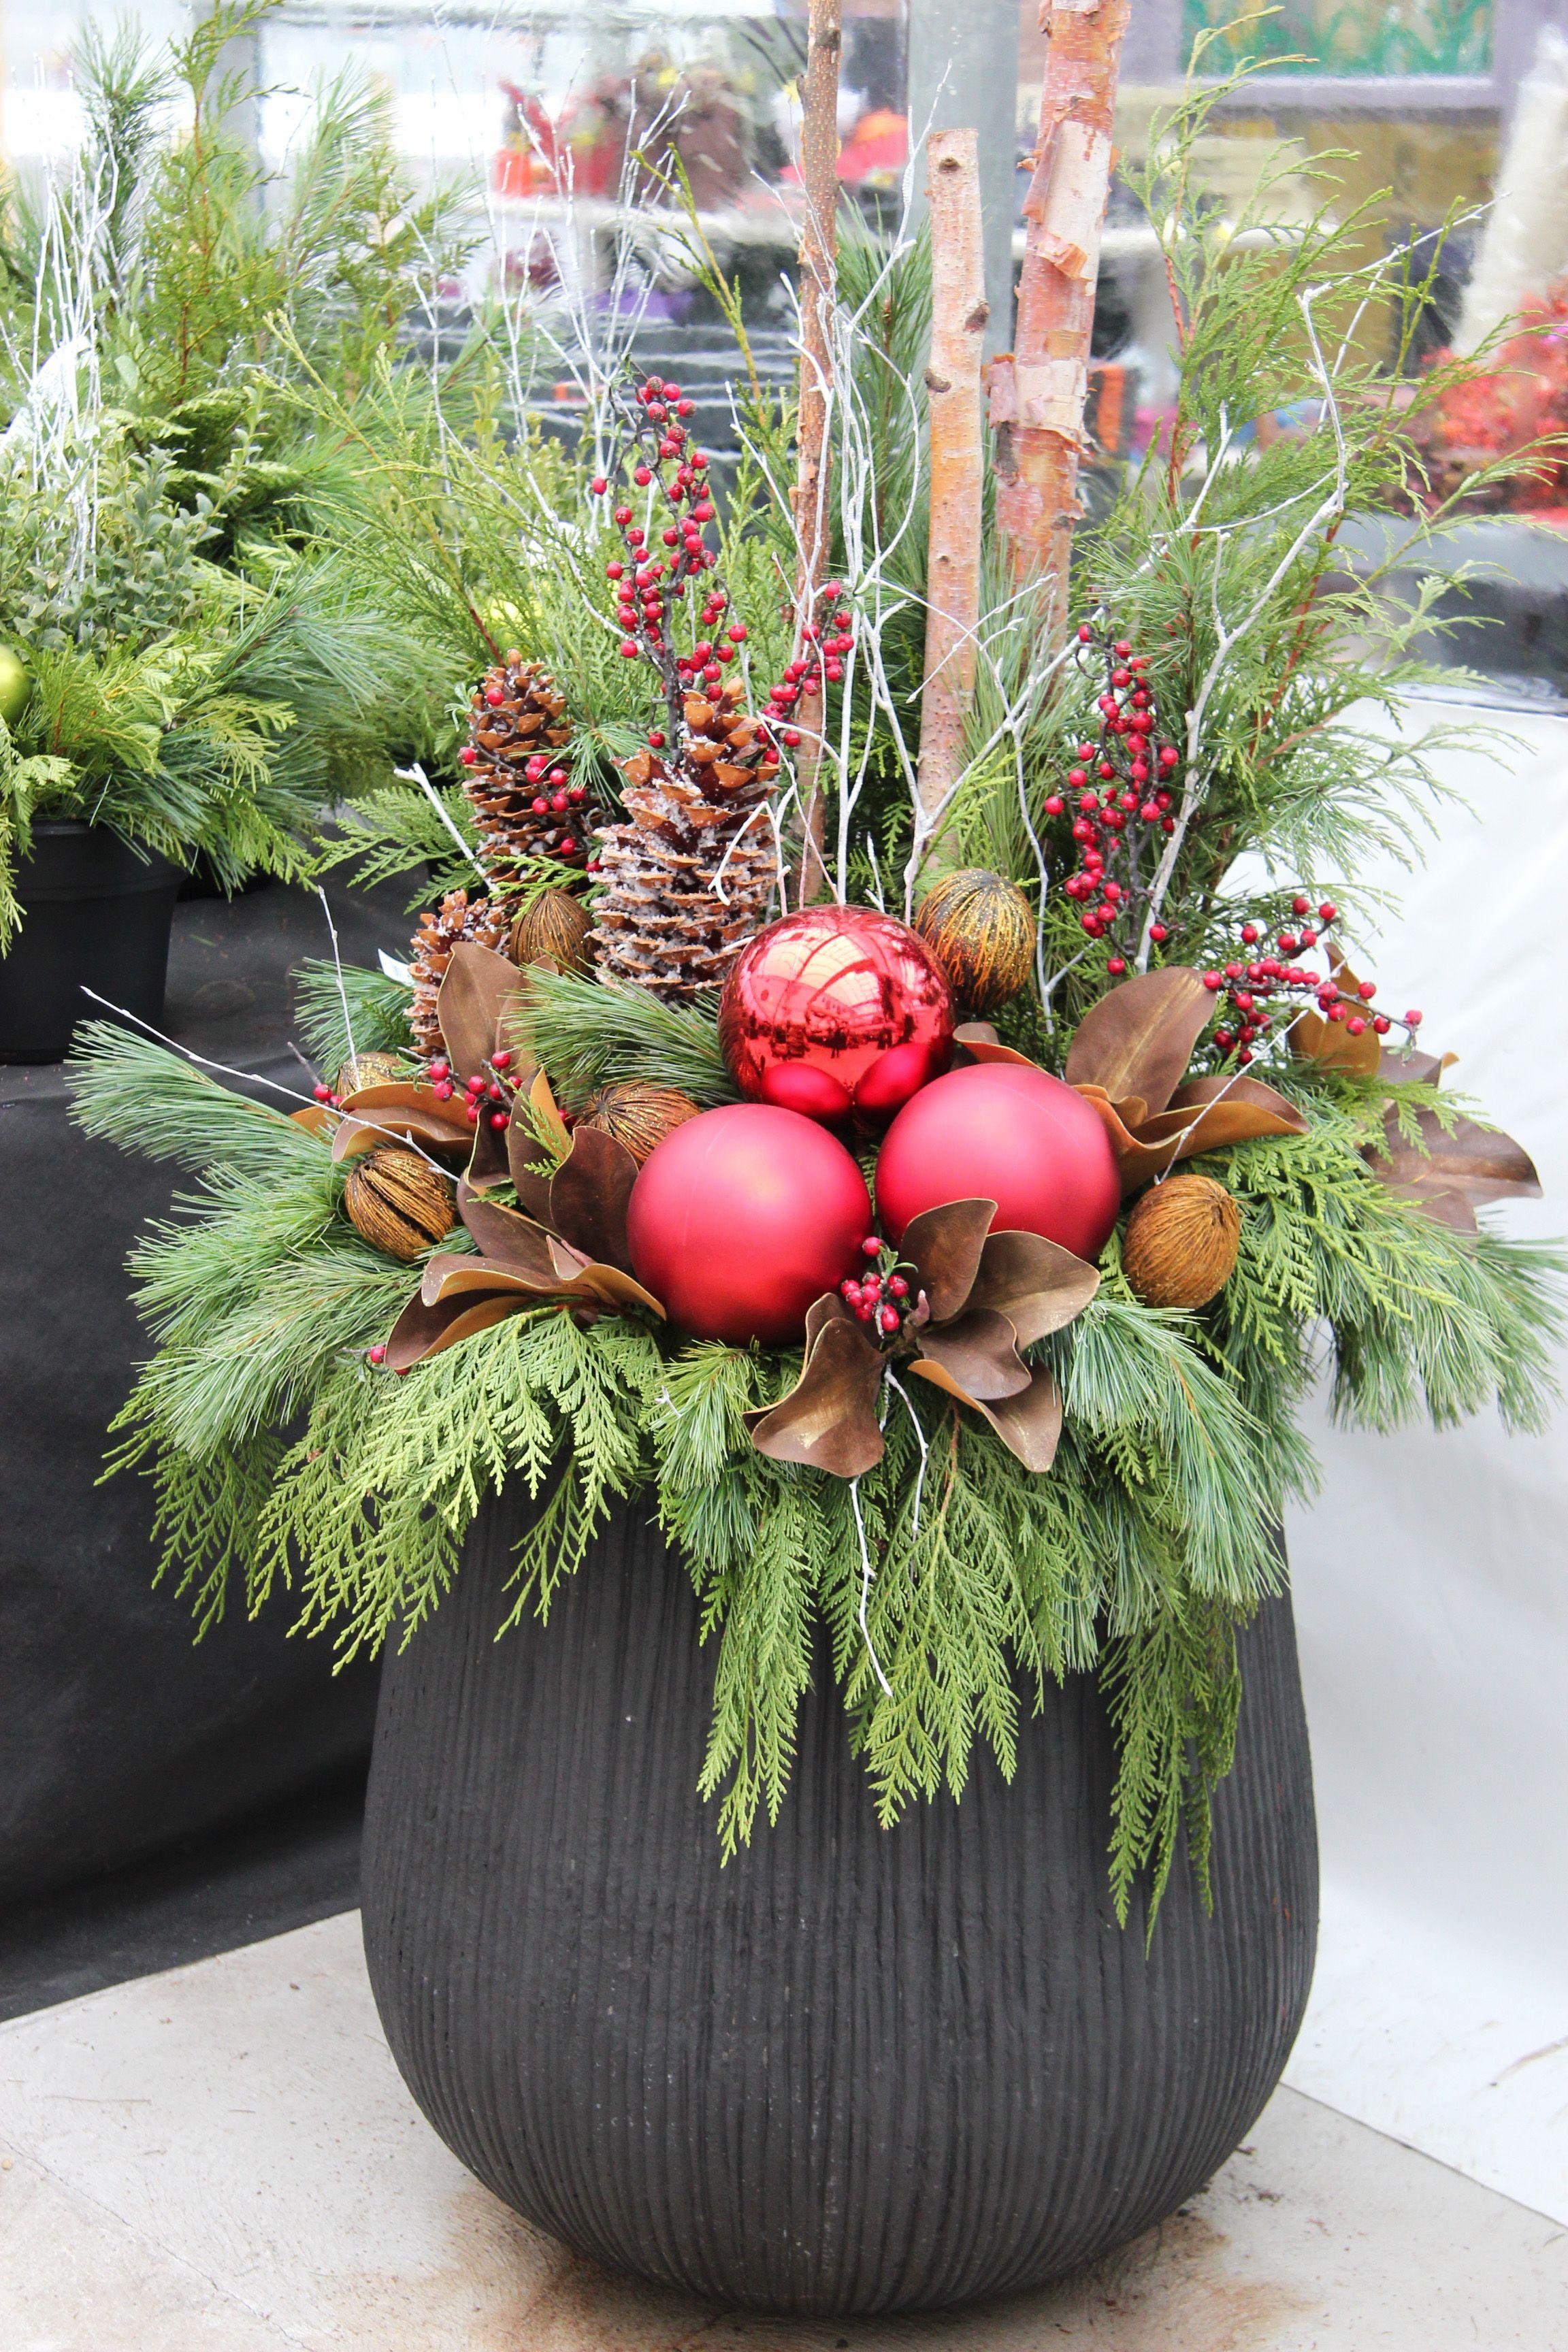 Bildergebnis für weihnachtsdeko hauseingang #weihnachtsdekohauseingang